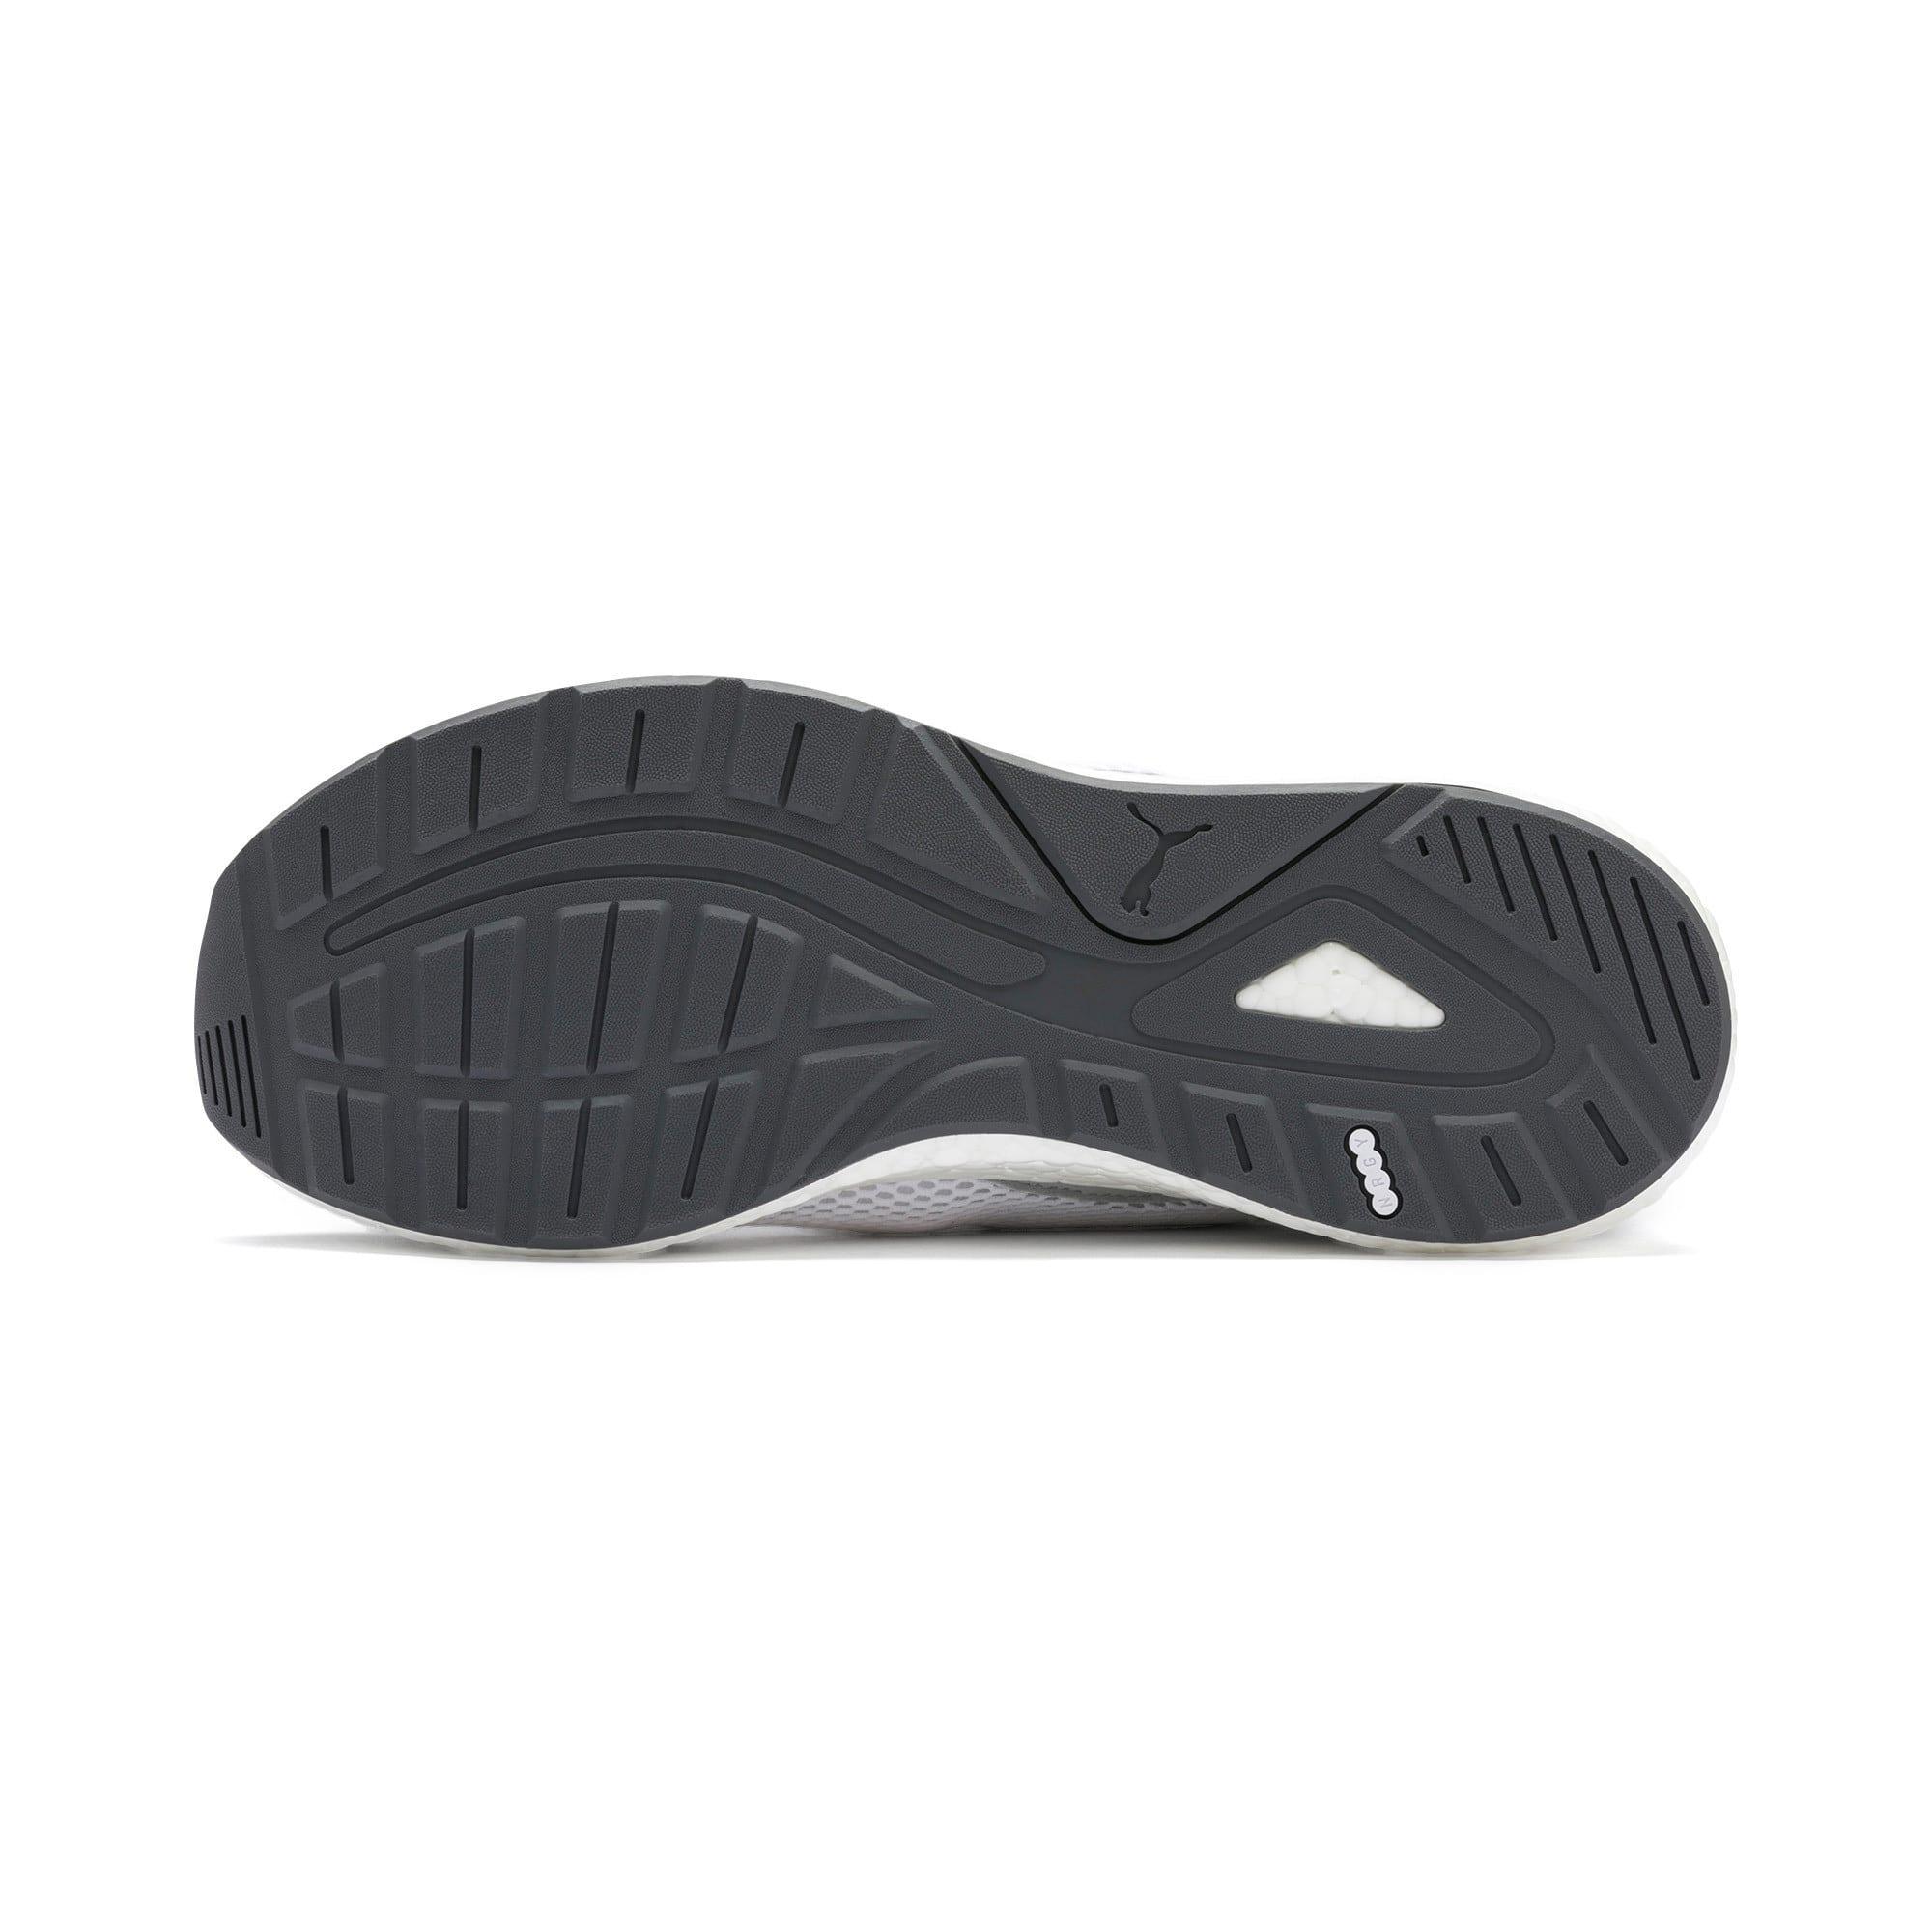 Thumbnail 4 of NRGY Neko Skim Men's Running Shoes, High Rise-High Risk Red, medium